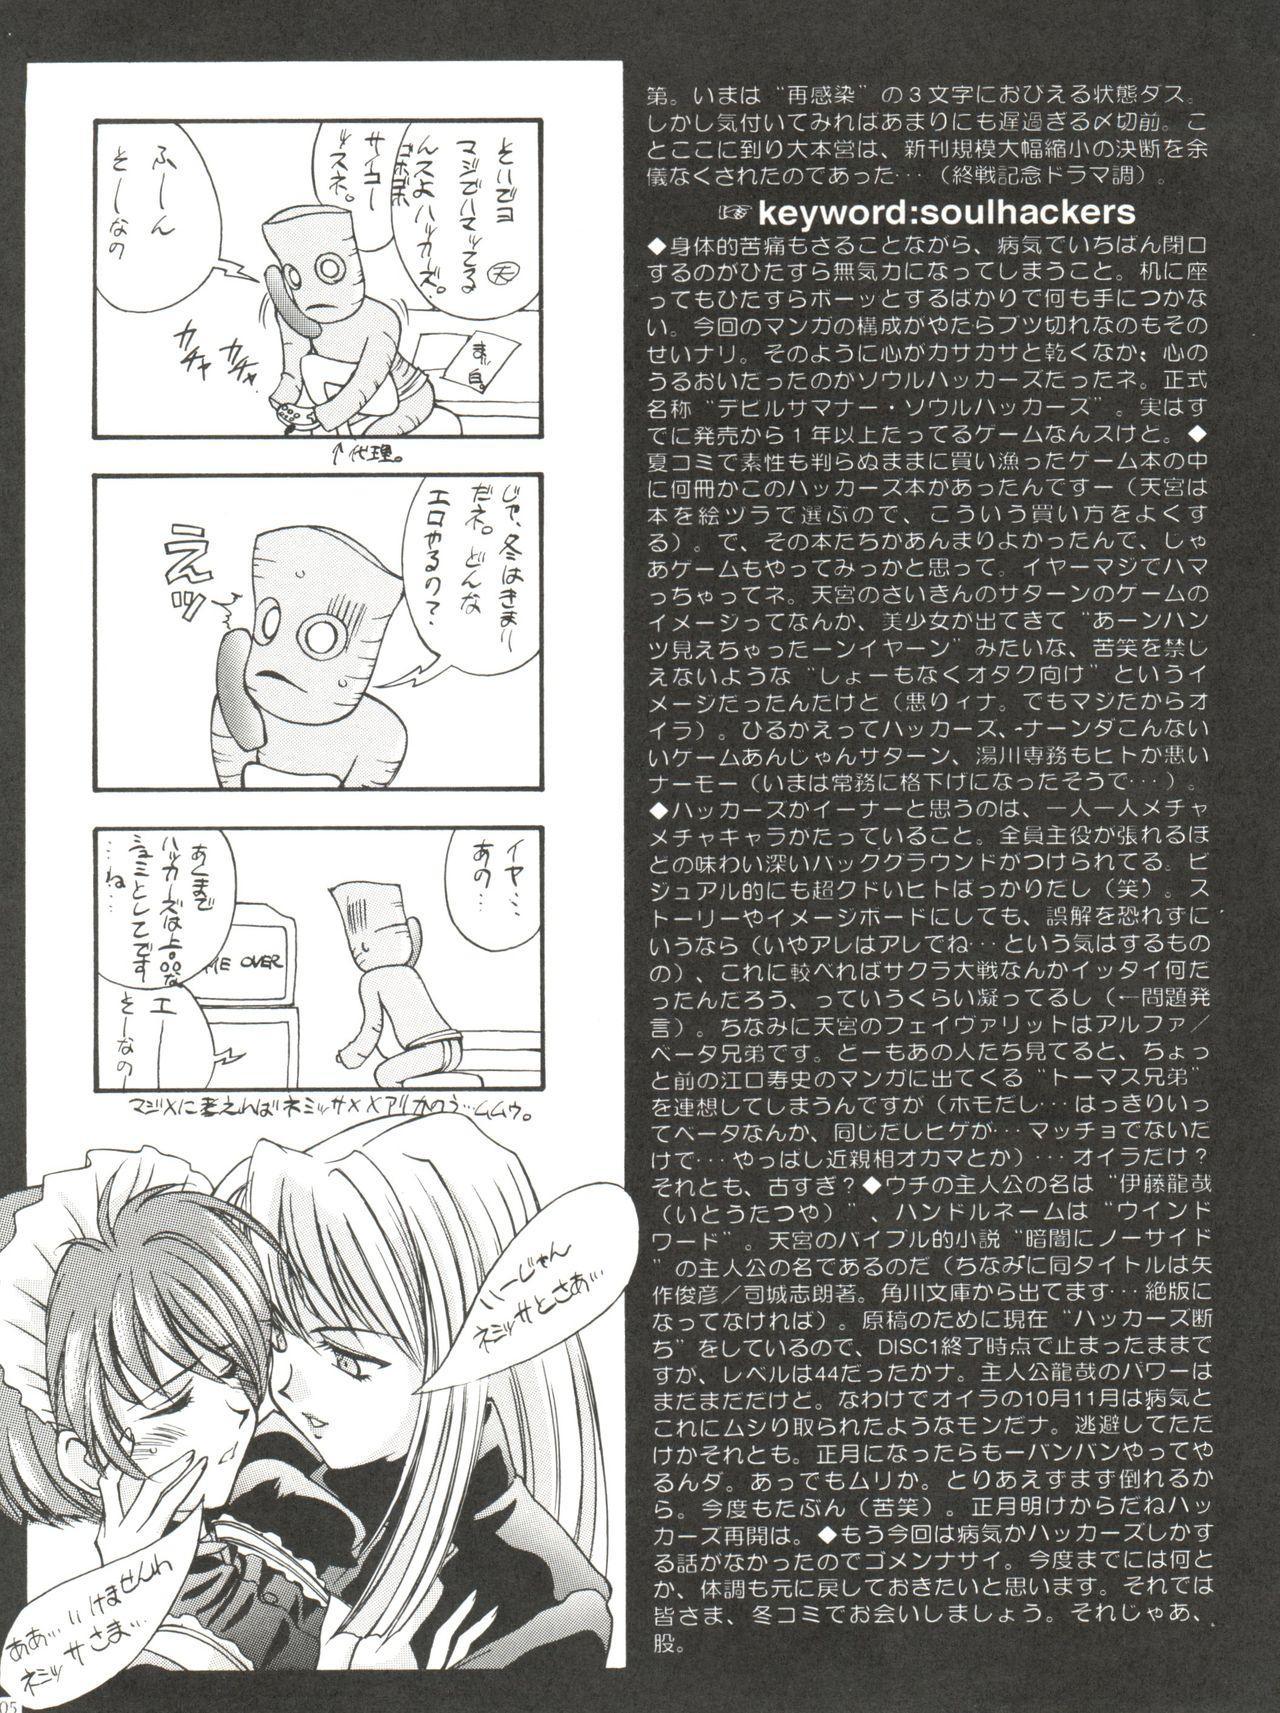 Warau Inu no Seikatsu 4